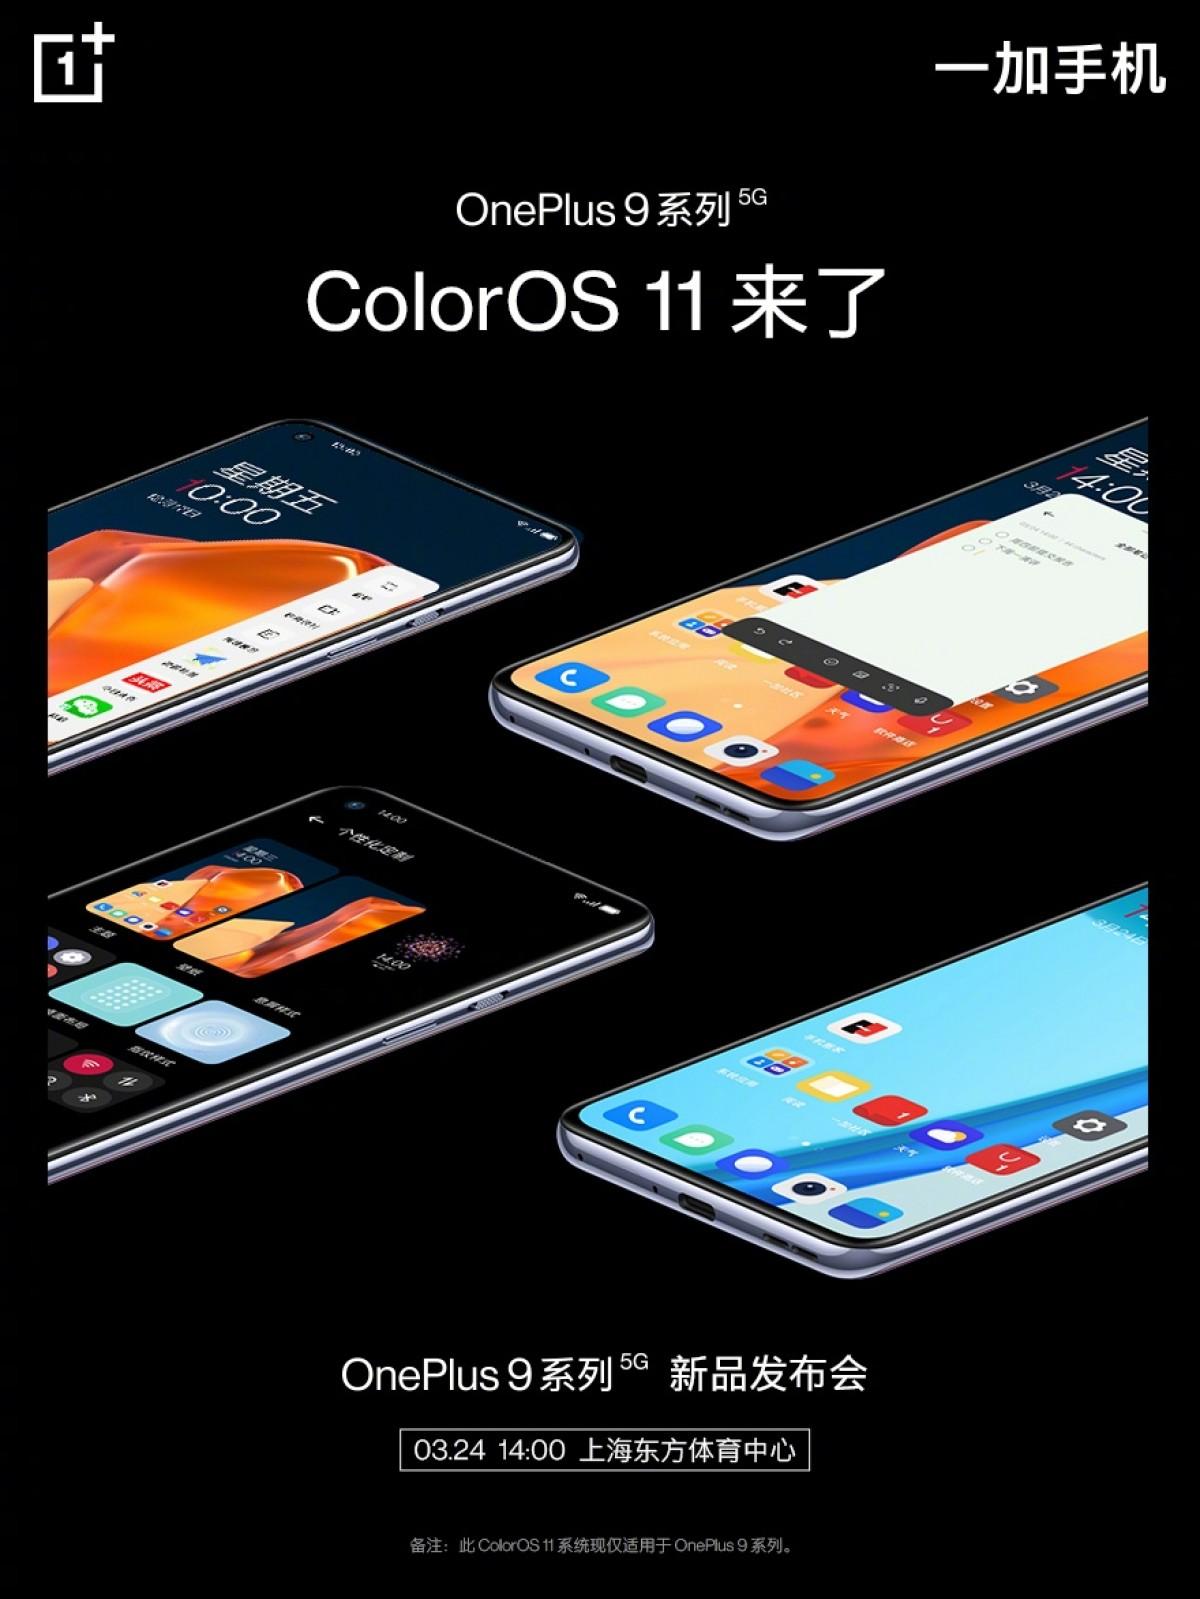 Seri OnePlus 9 akan hadir dengan ColorOS 11 di Cina, unit global akan tetap menggunakan OxygenOS